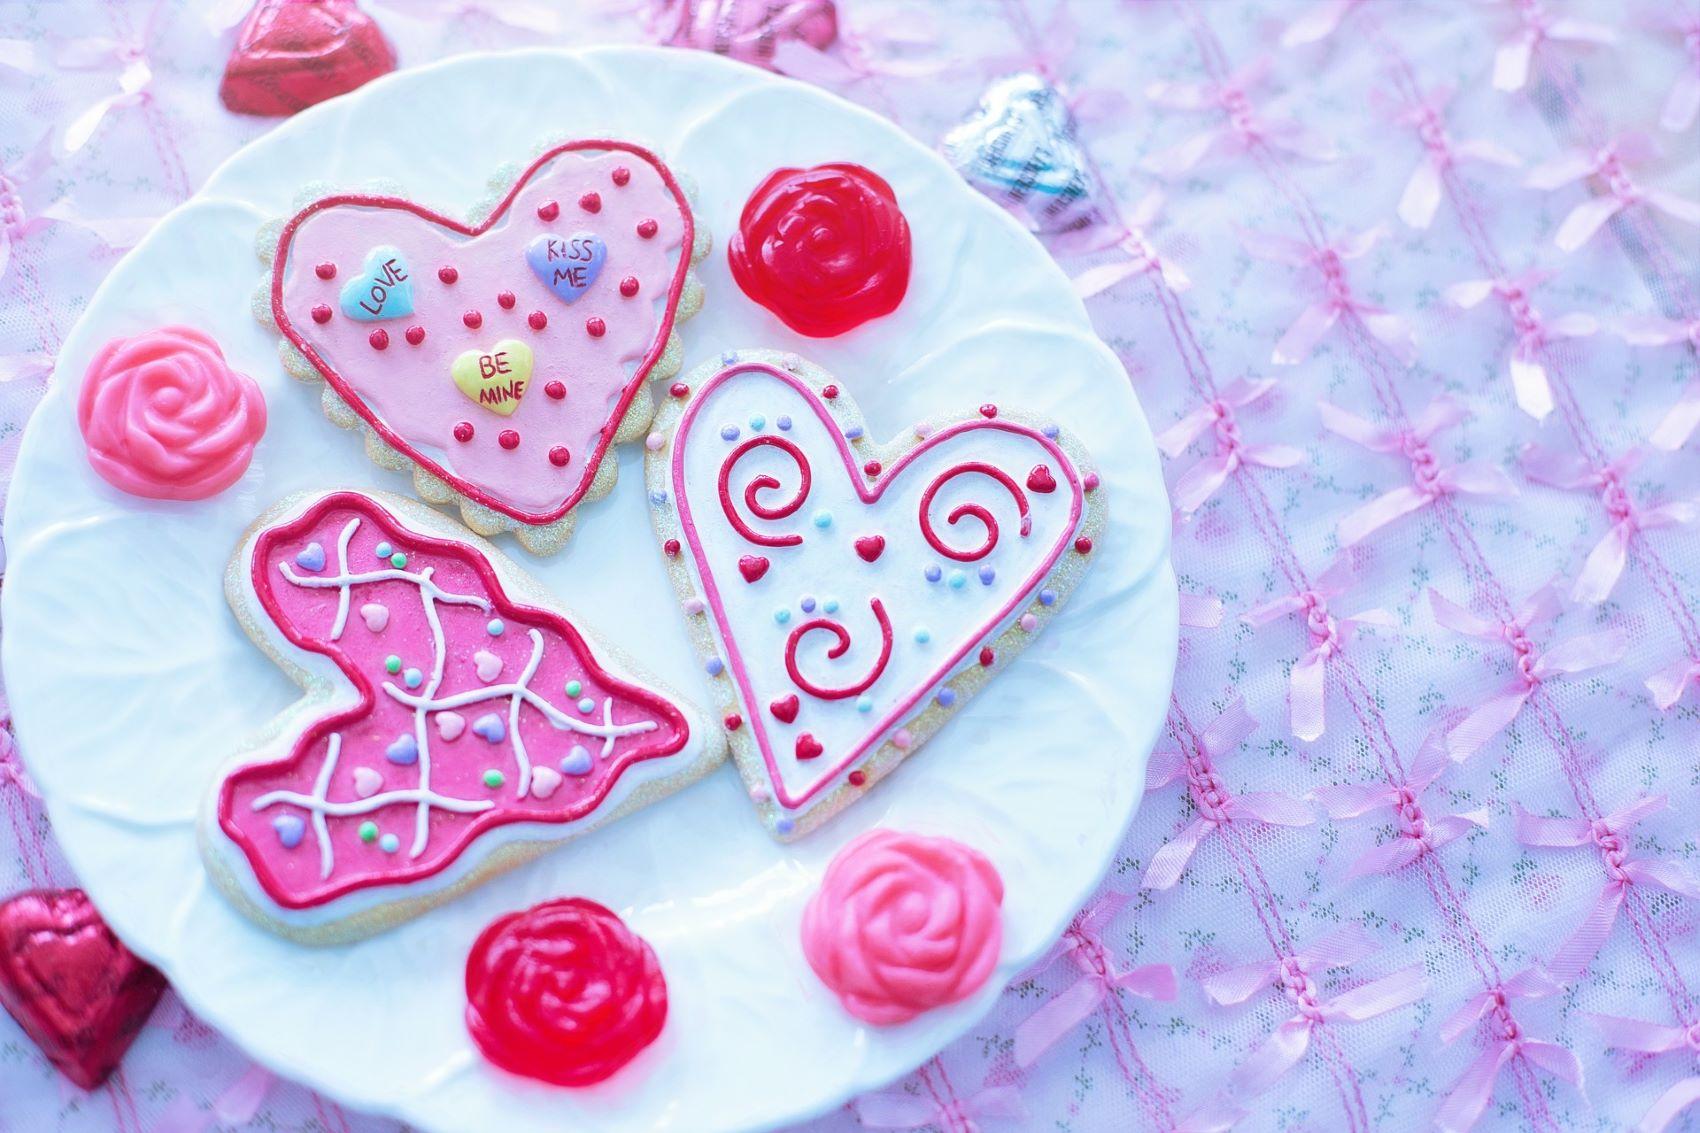 Valentýn - zdoebné perníkové srdce na talíři